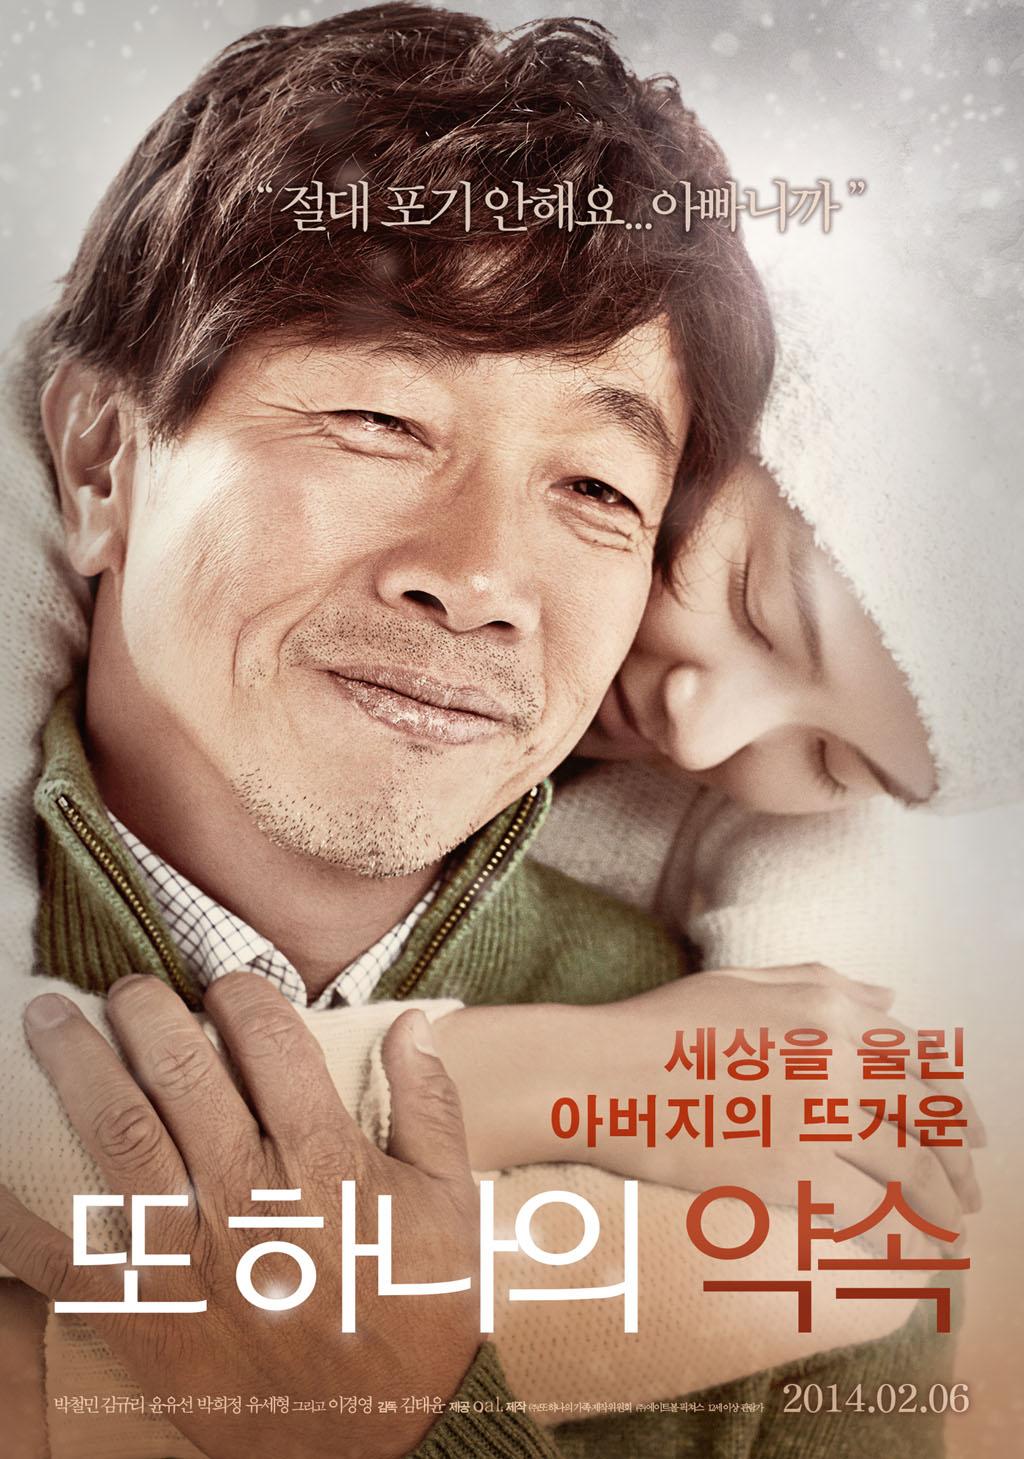 또 하나의 약속 - 김태윤, 2014